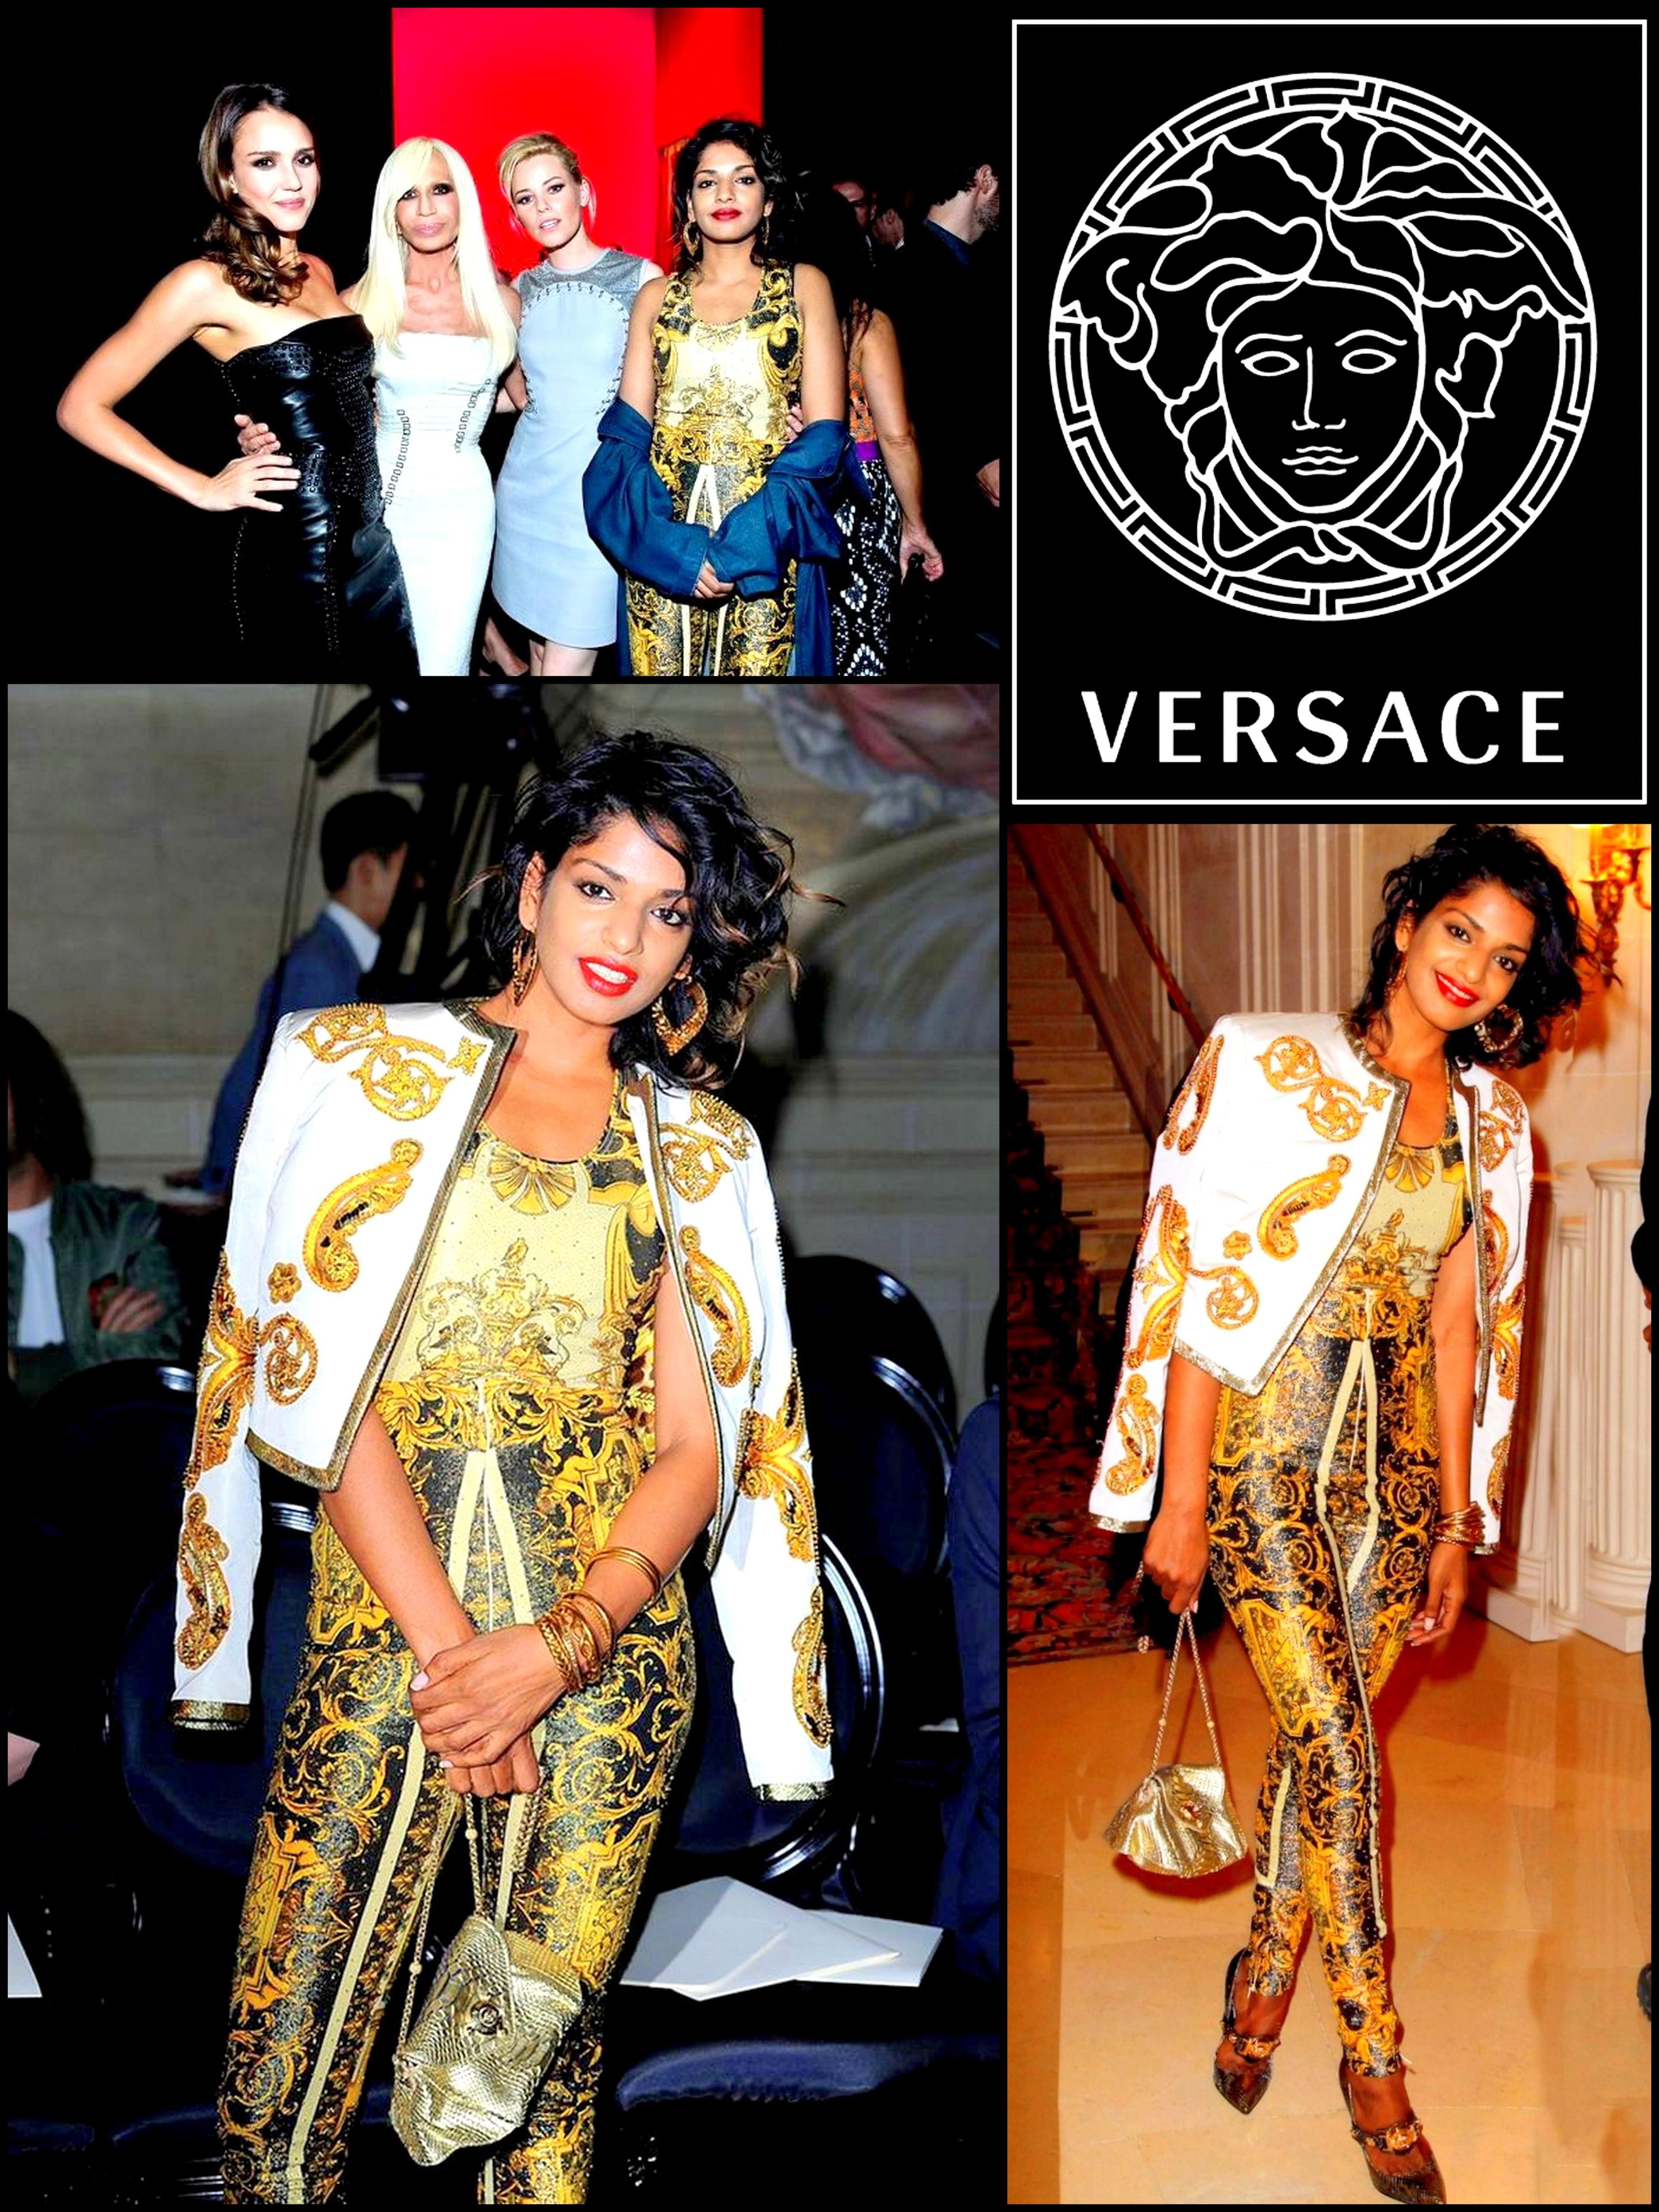 M.I.A. Versus Vesace 2013